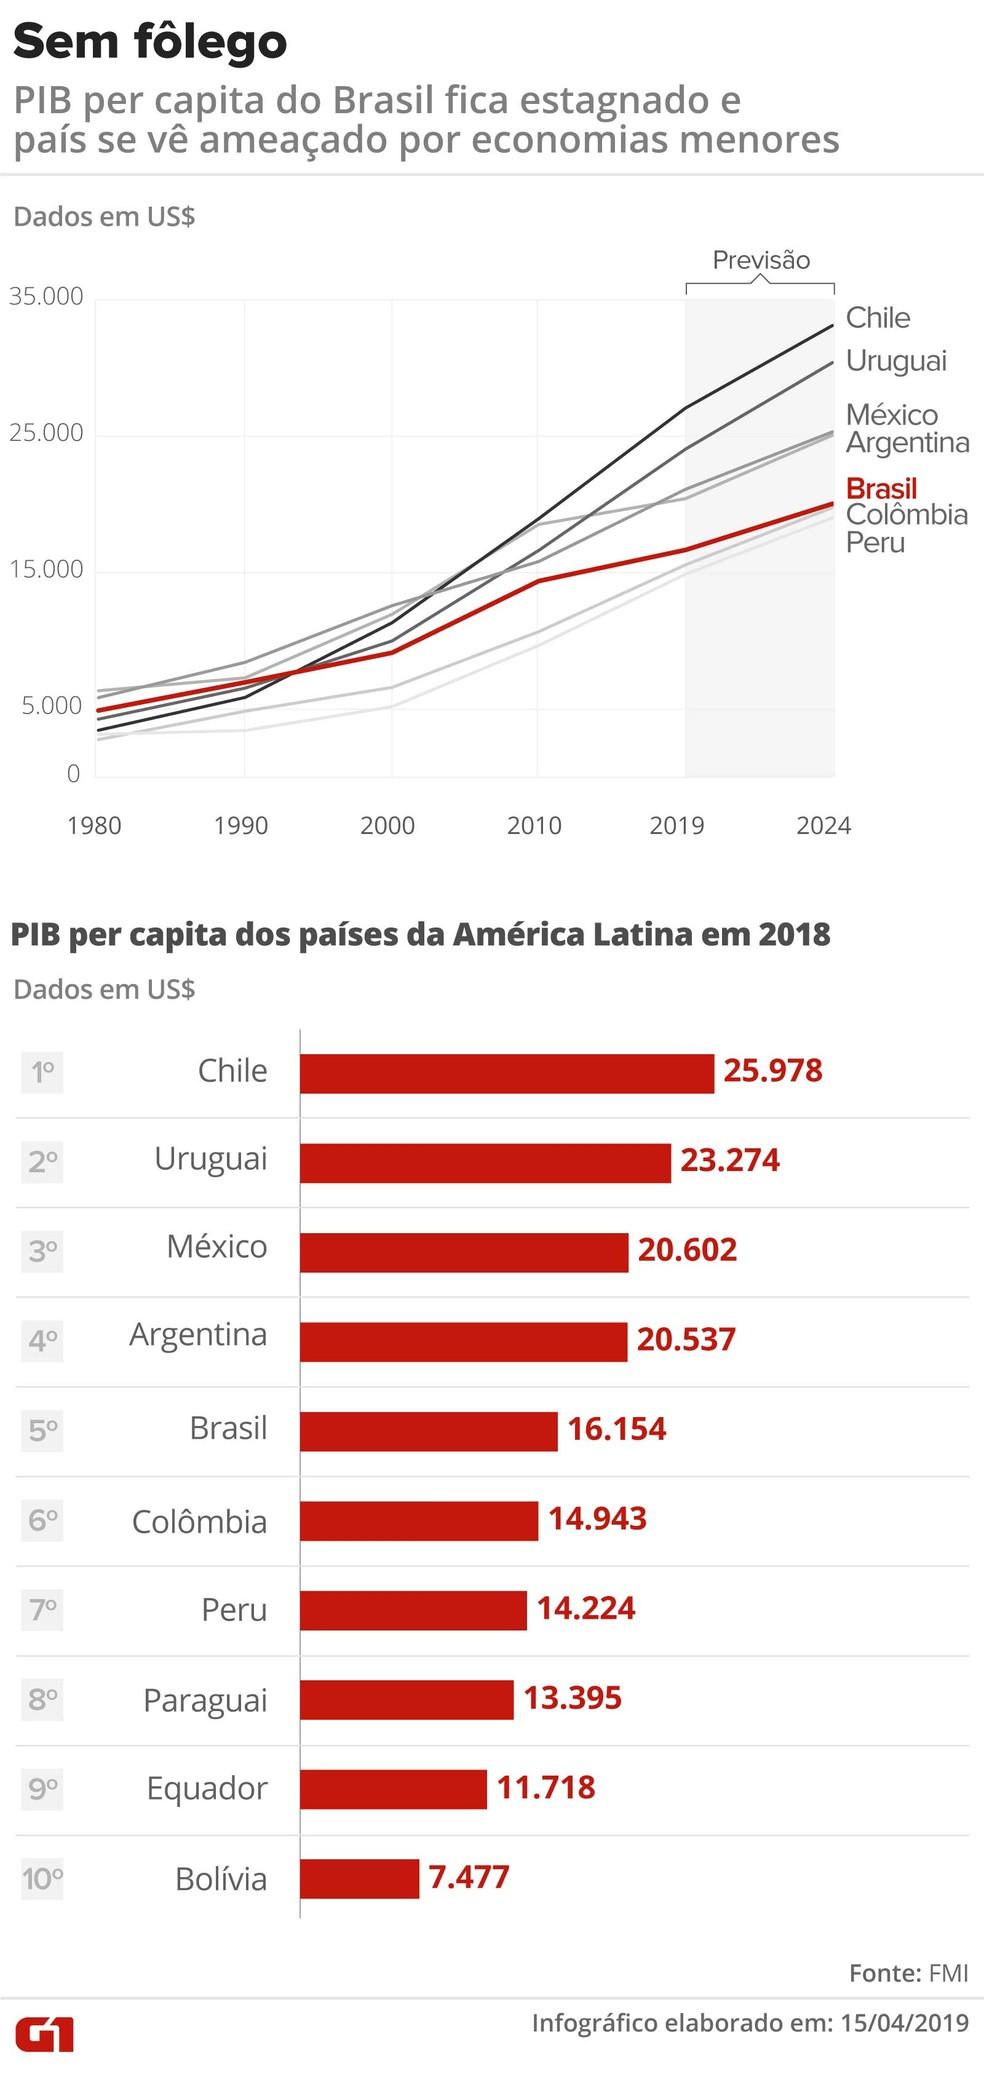 838ecd8ec ... PIB per capita dos países da América Latina — Foto  Igor Estrella Arte  G1